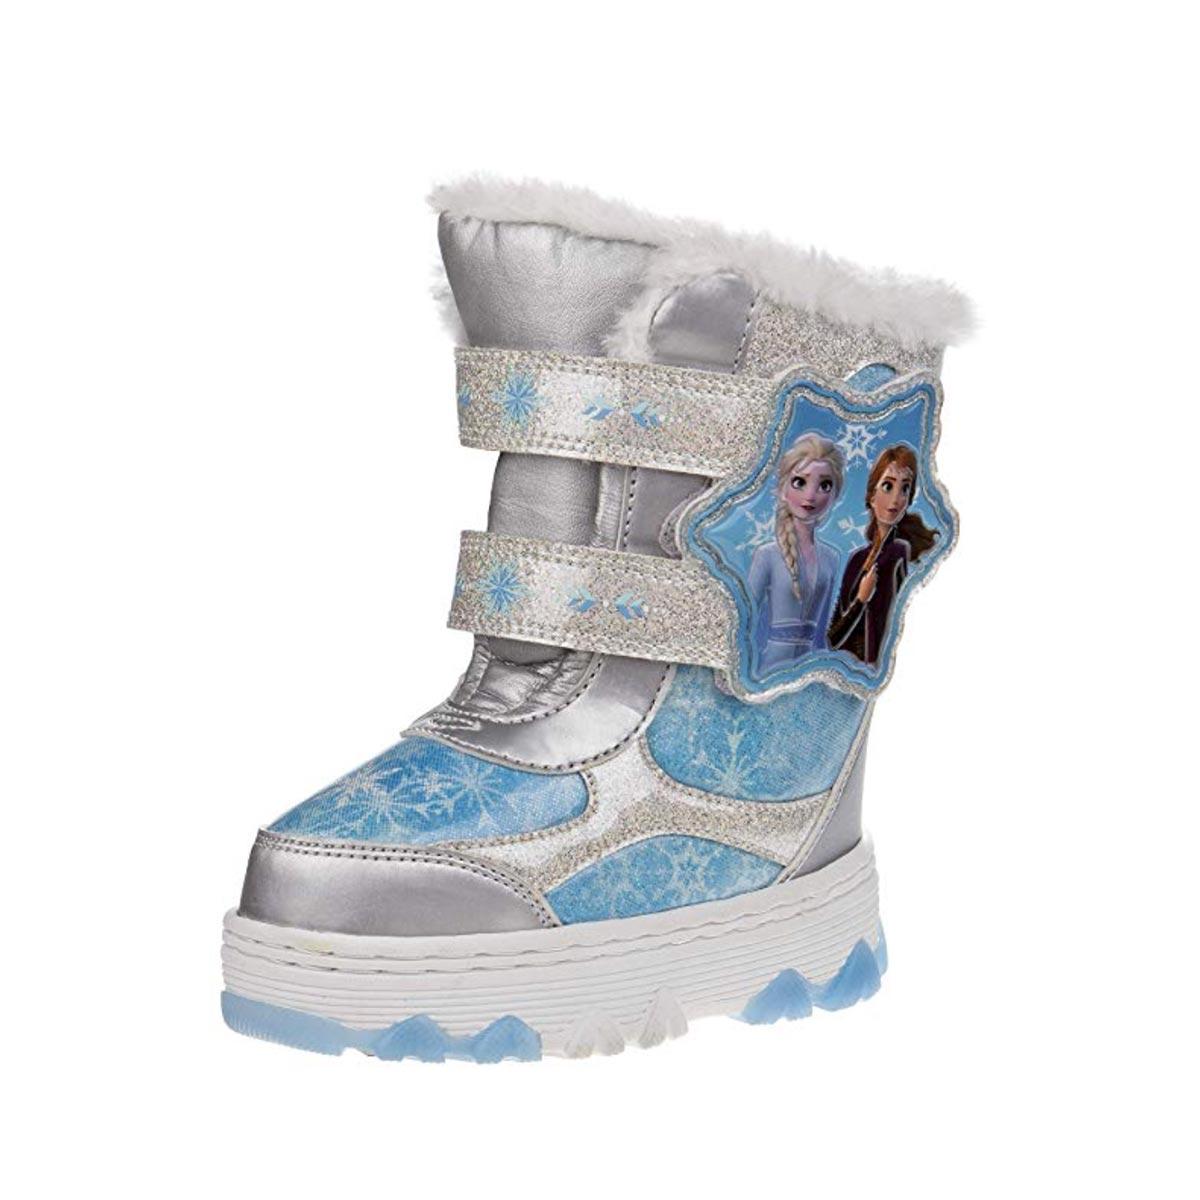 子供 冬 靴 スノーブーツ アナと雪の女王 女の子 ディズニー グッズ